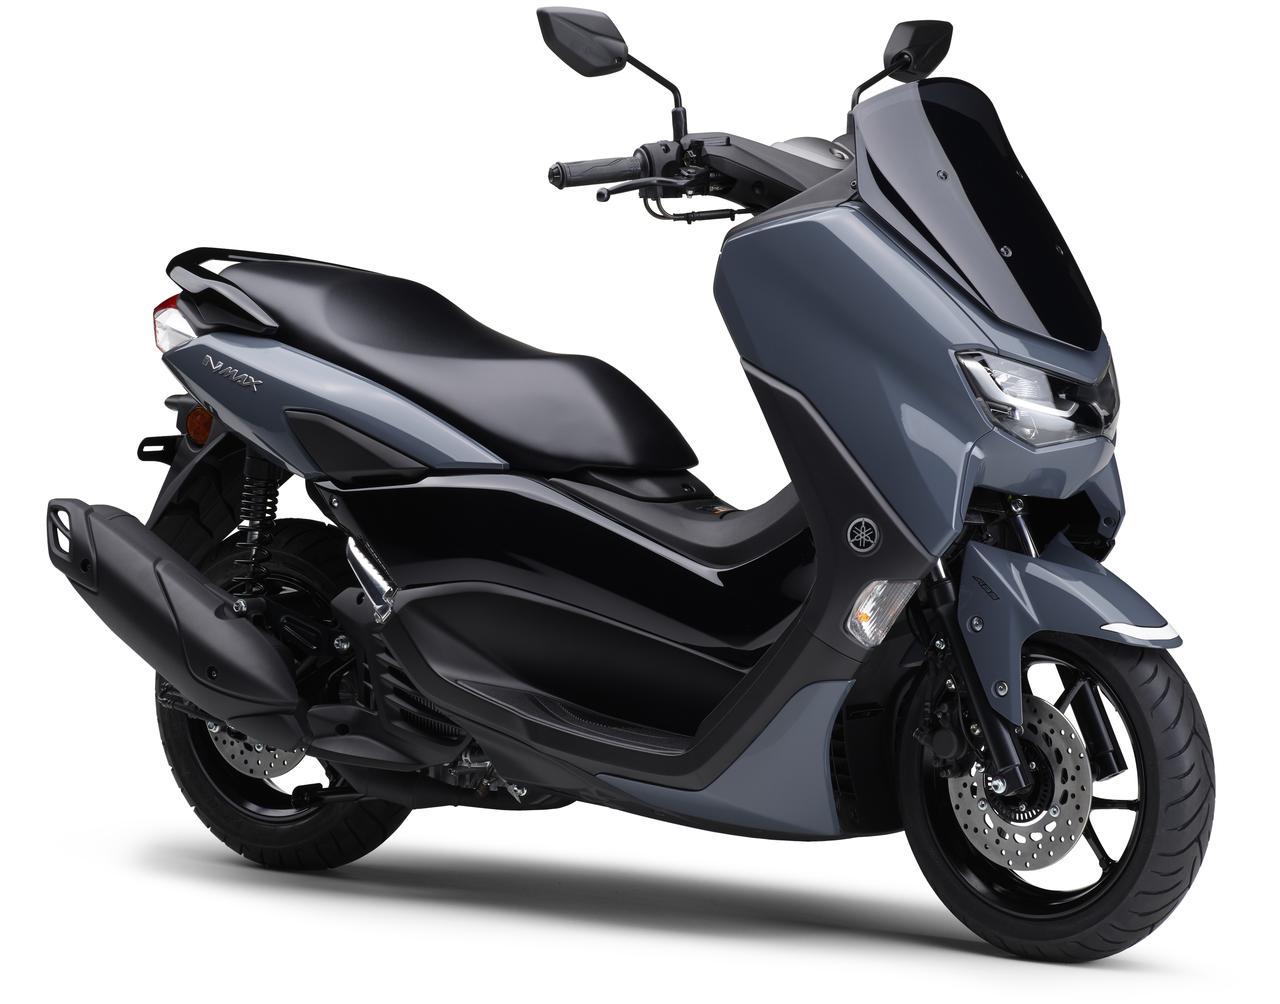 画像: YAMAHA NMAX ABS 総排気量:124cc エンジン形式:水冷4ストSOHC4バルブ単気筒 シート高:765mm 車両重量:131kg 発売日:2021年6月28日(月) 価格:税込36万8500円